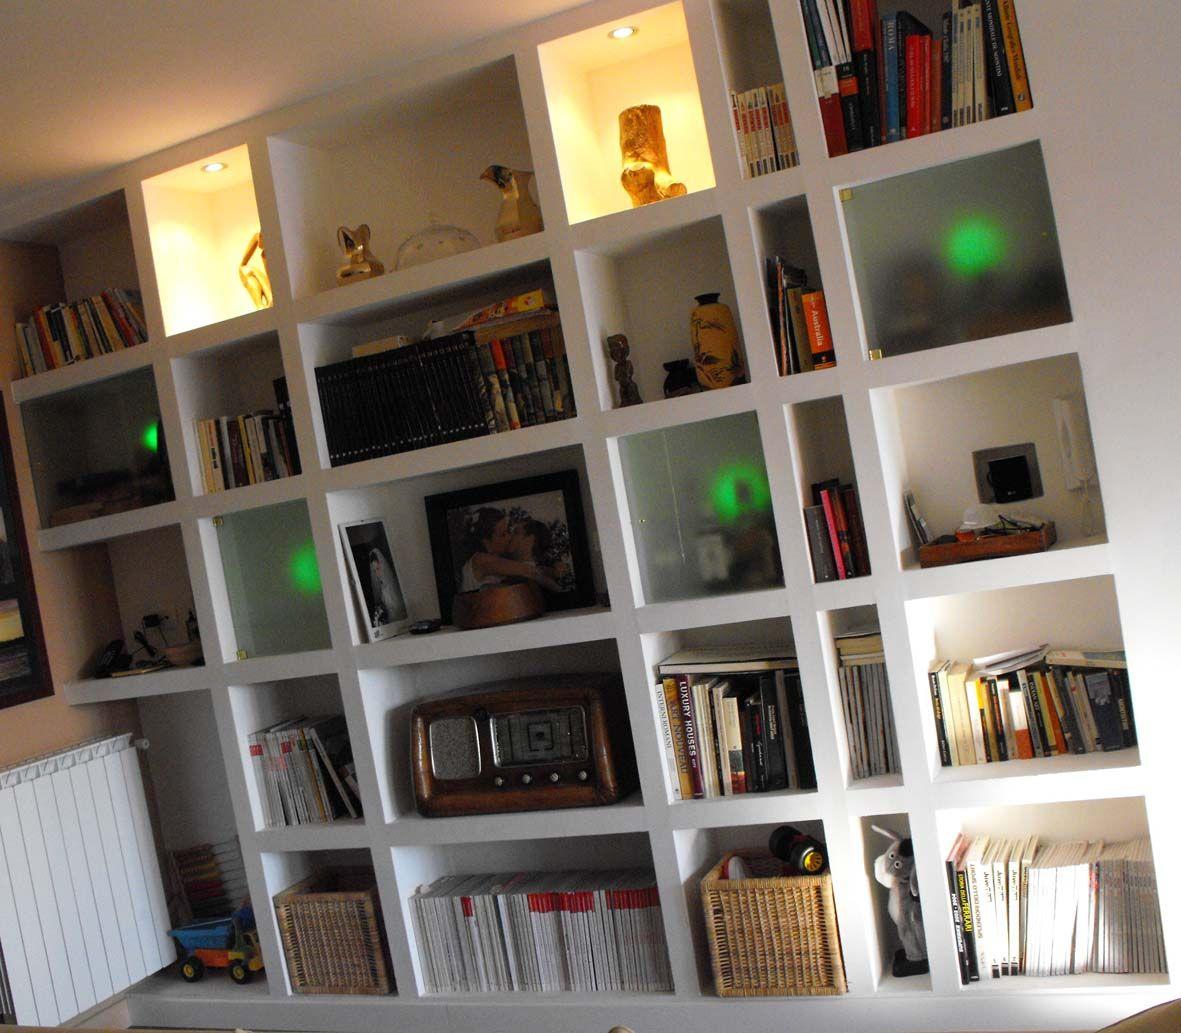 Villetta a riano libreria in cartongesso con luci led - Librerie arredo design ...